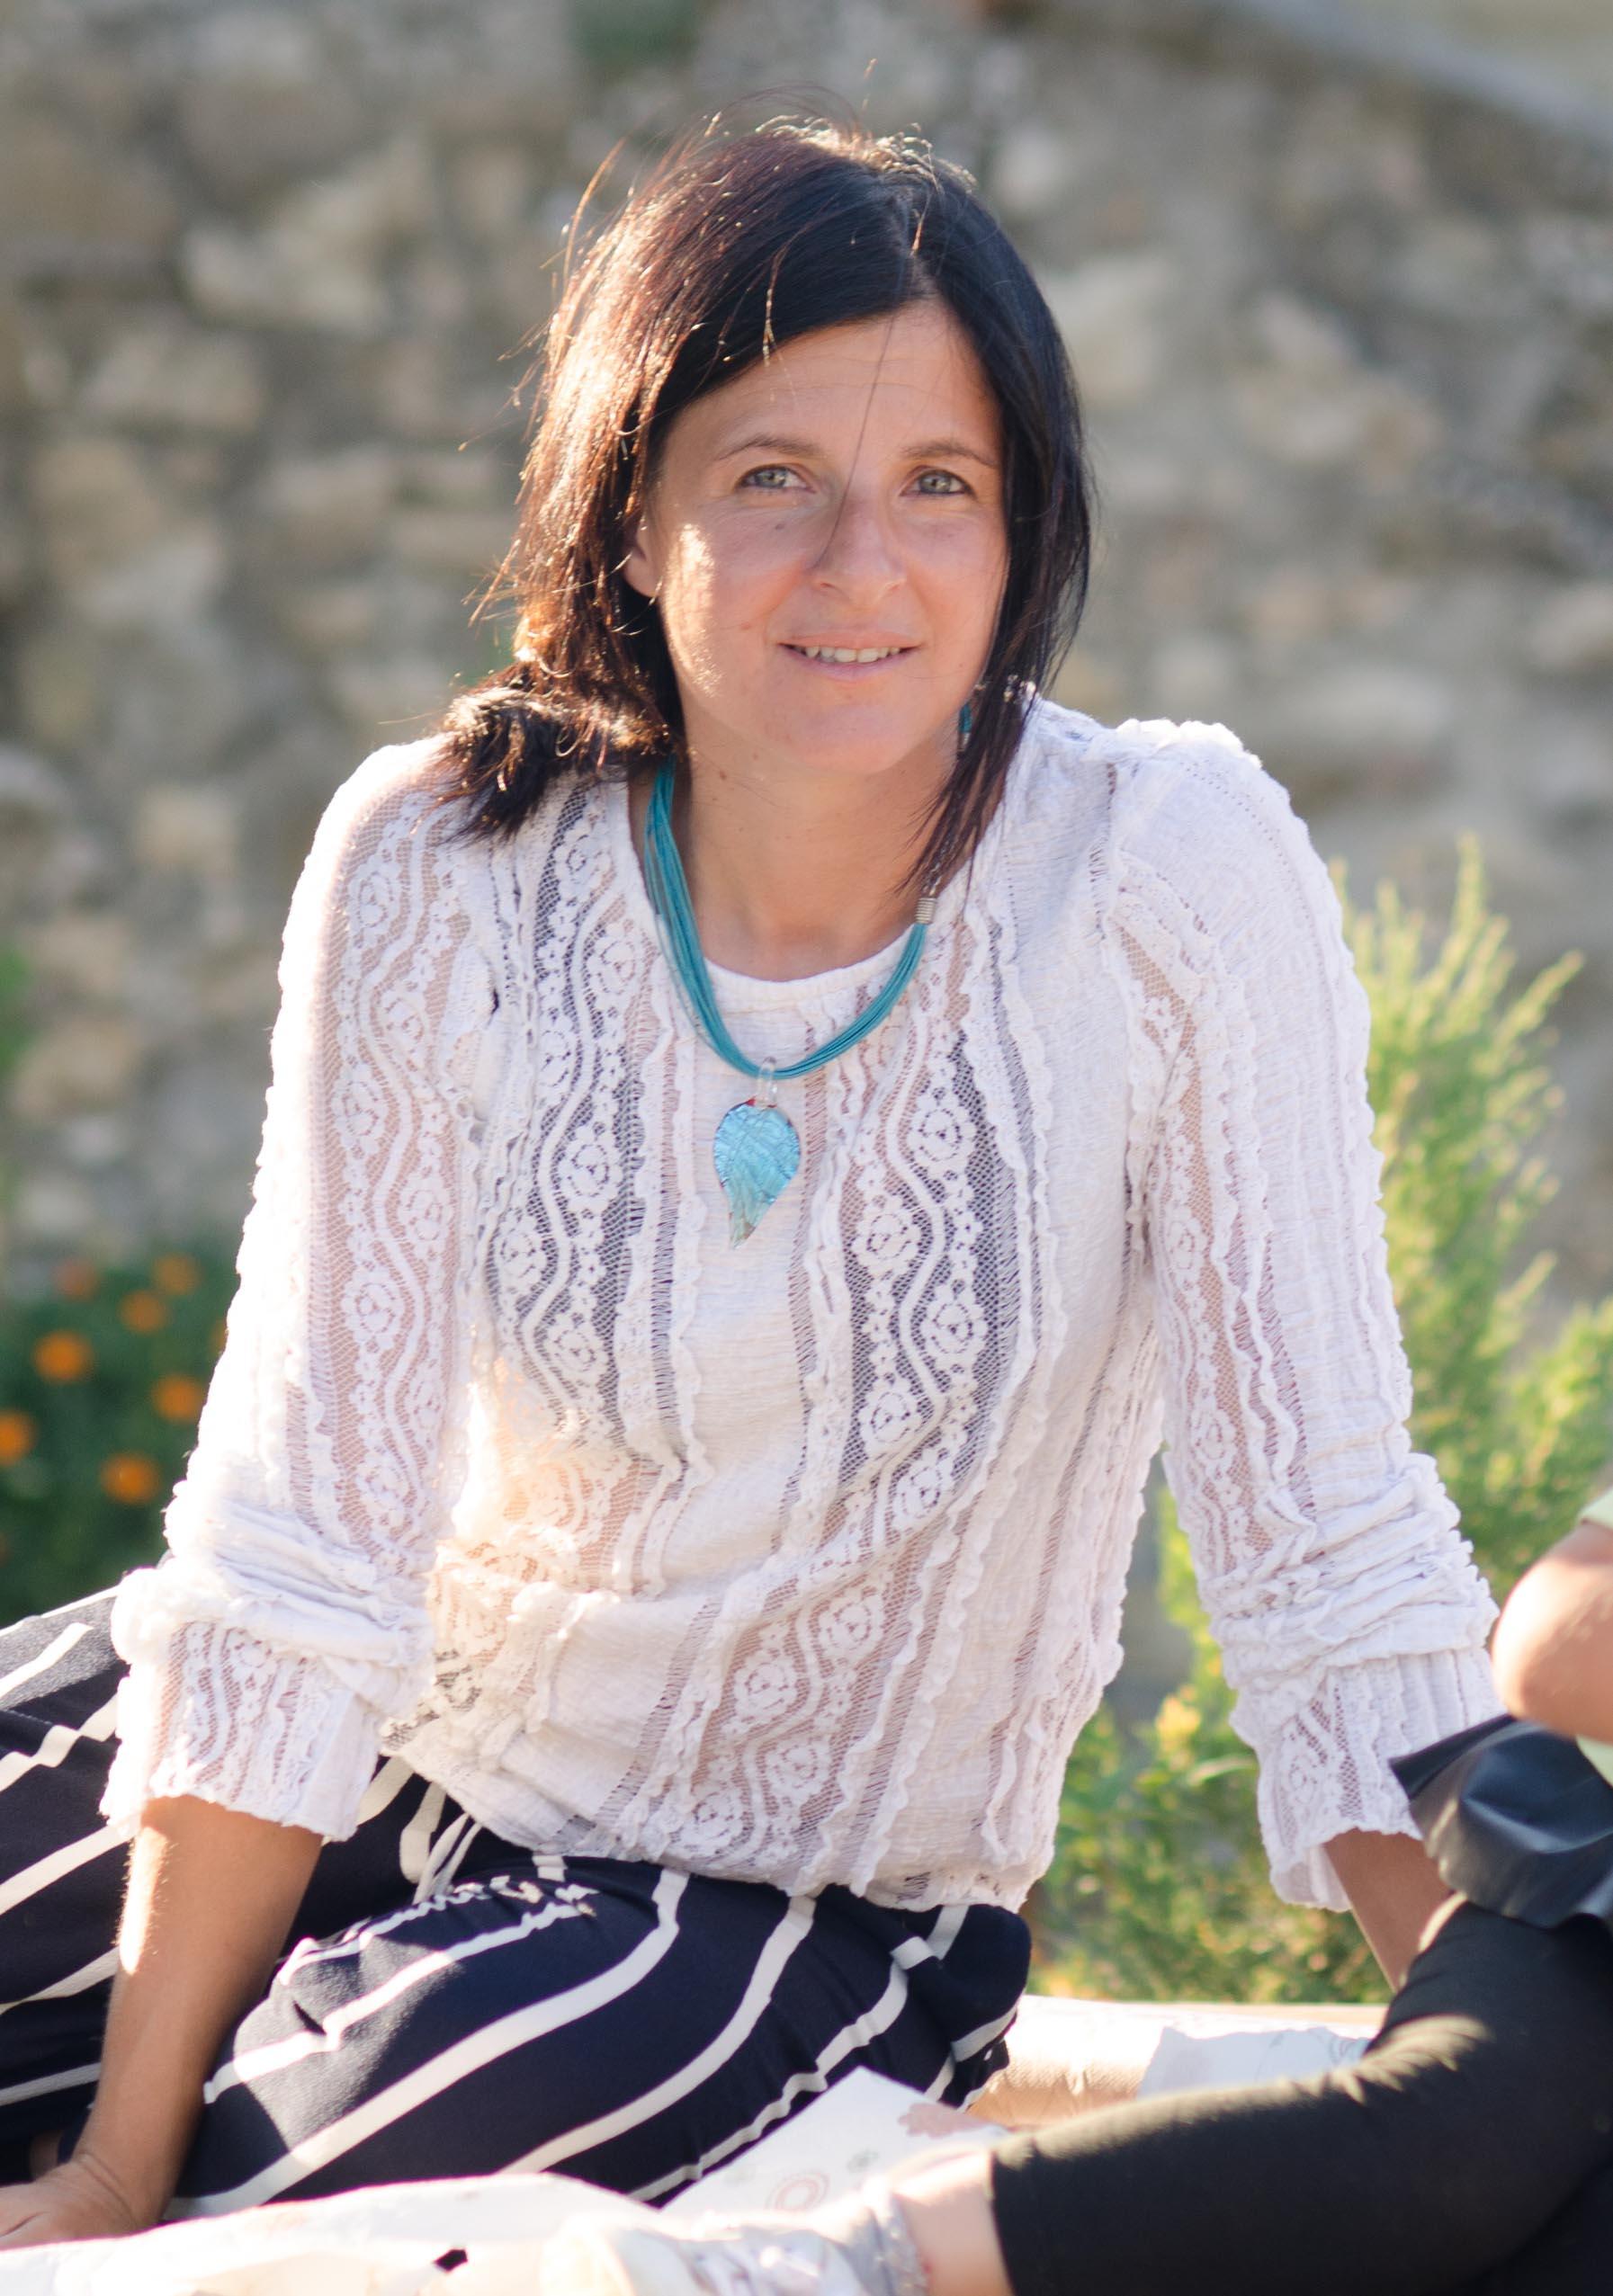 Serena Stefani